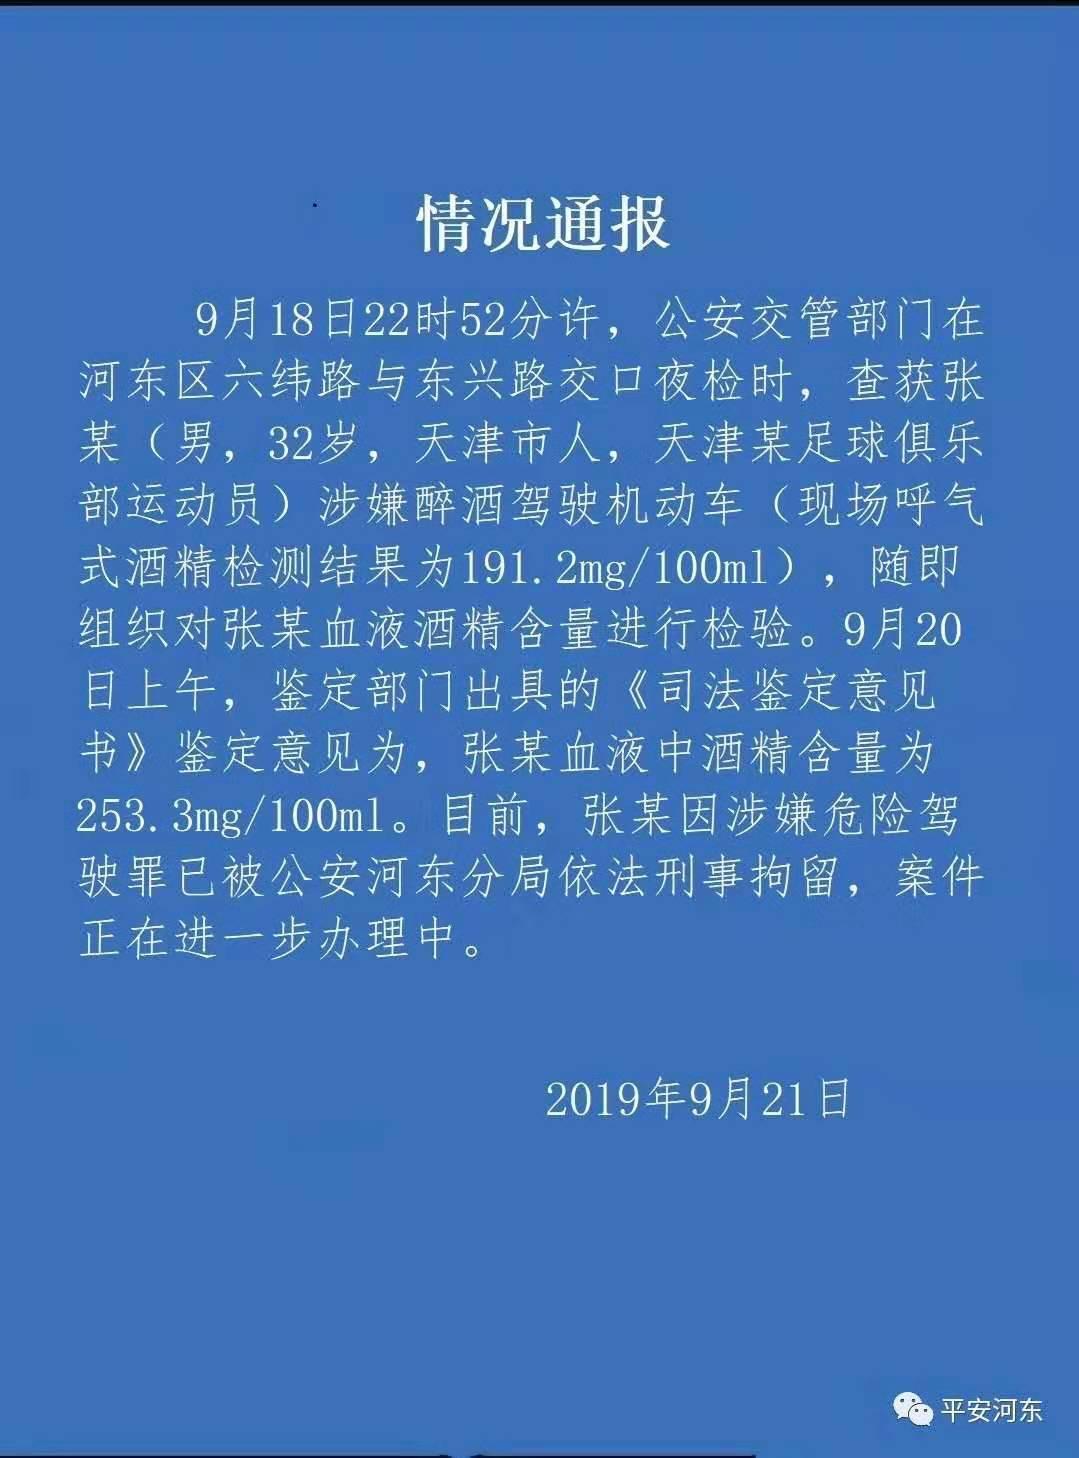 天津警方:天津某足球俱乐部运动员涉嫌醉驾,已被刑事拘留